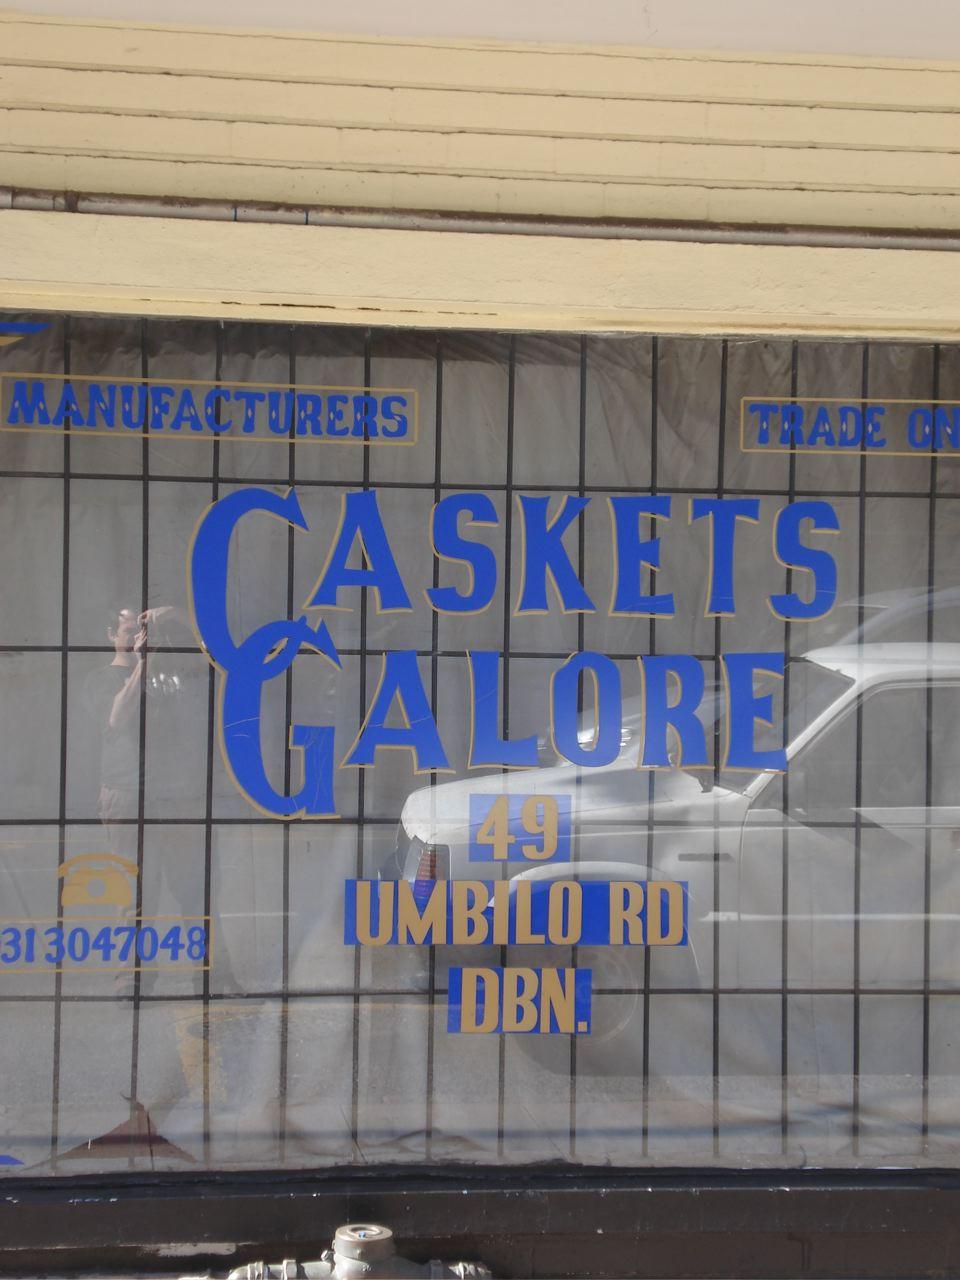 Caskets Galore